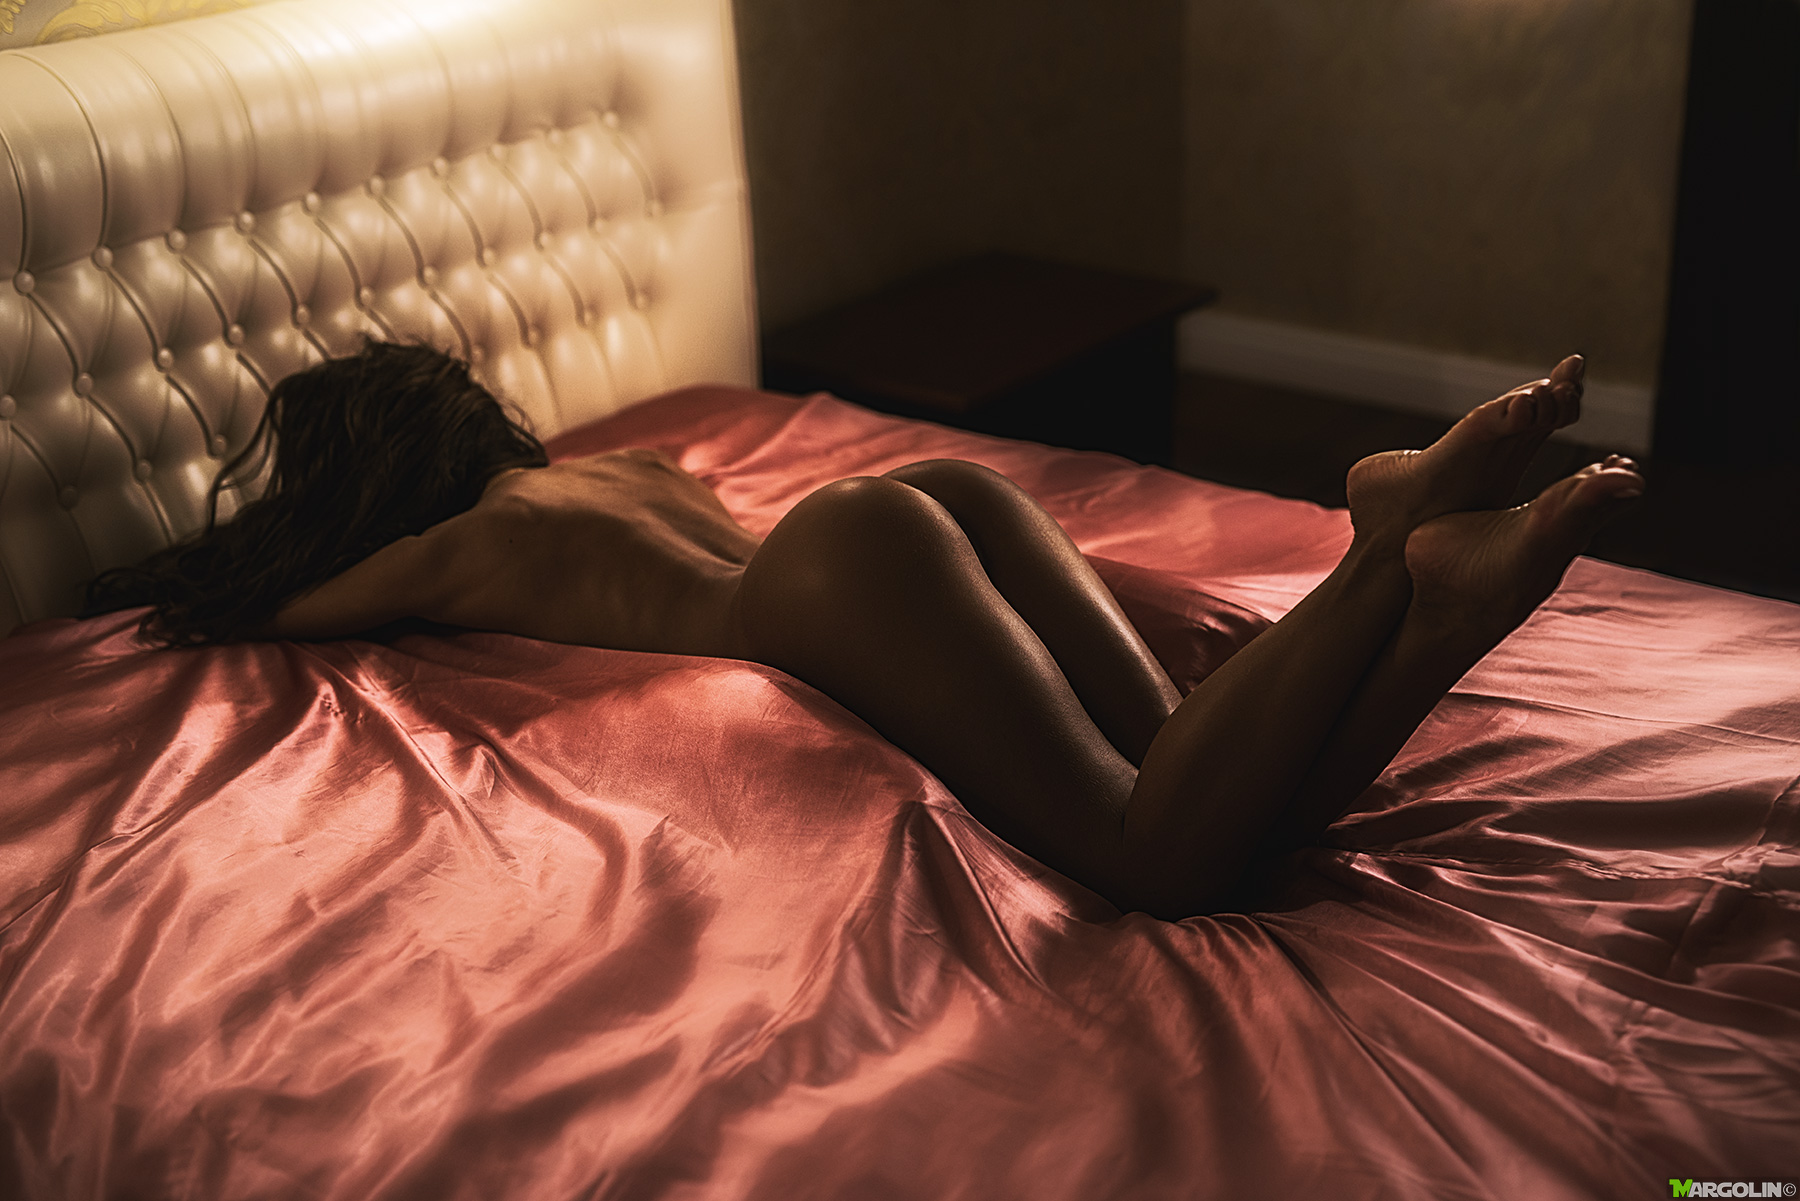 Проститутки Москвы шлюхи путаны бляди феи и ночные